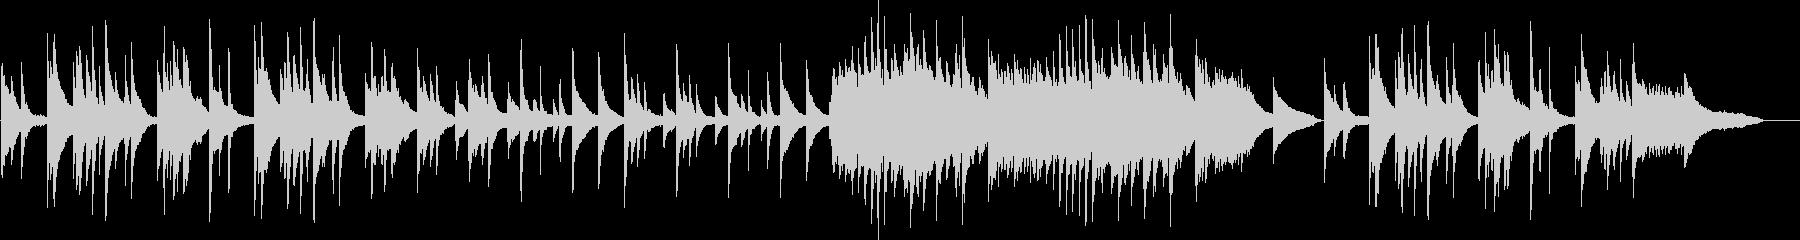 ピアノソロの切ない・儚いBGMの未再生の波形